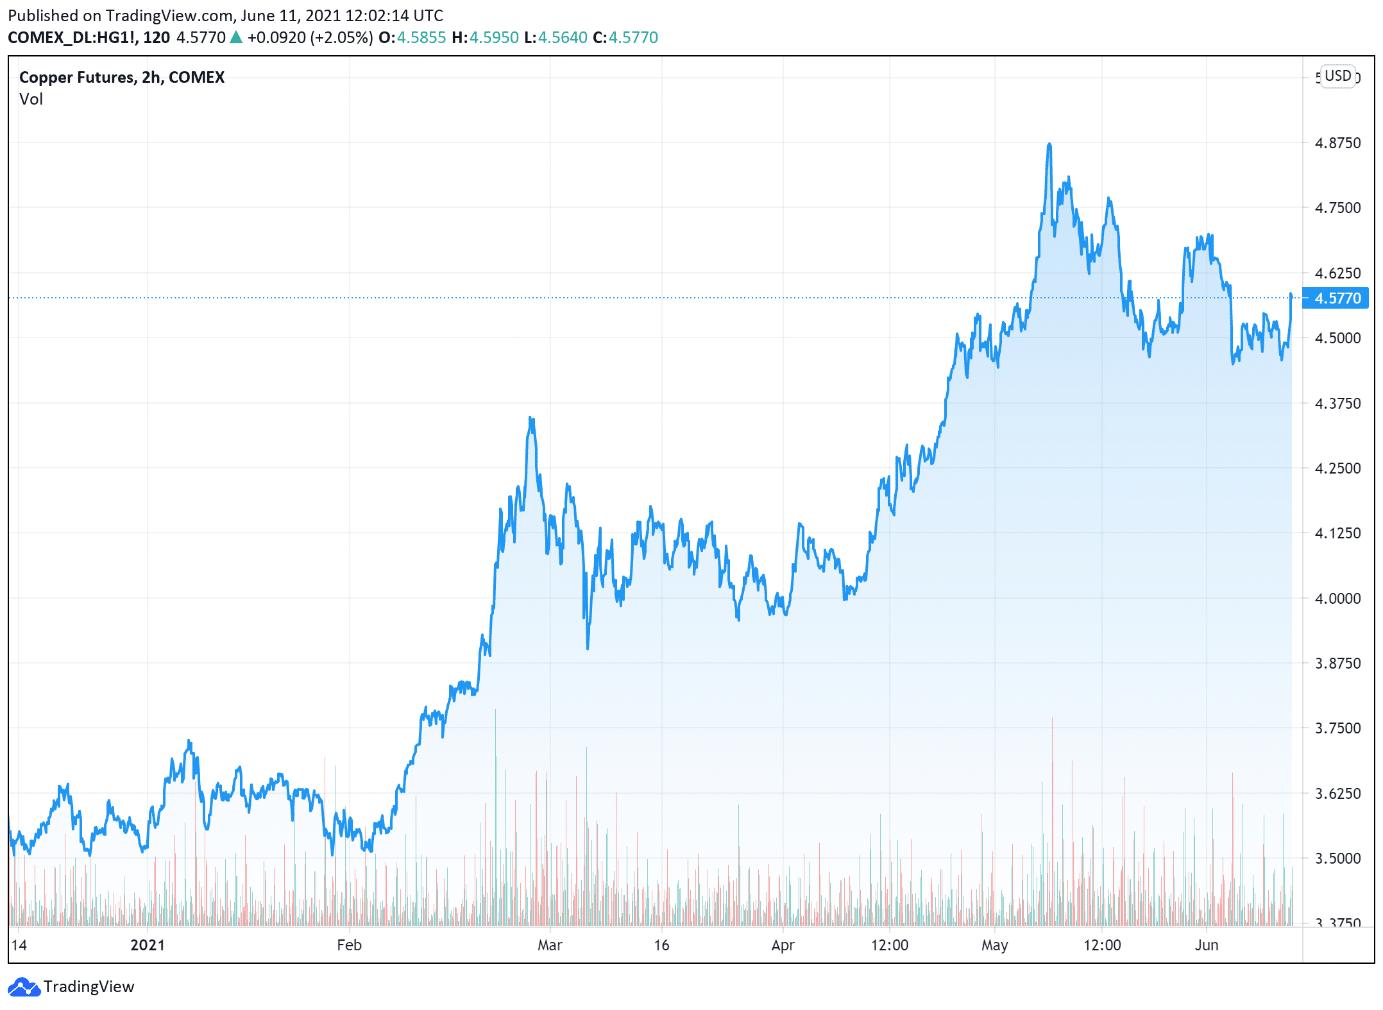 Le cuivre US et britannique en forte hausse vendredi 11 juin 2021